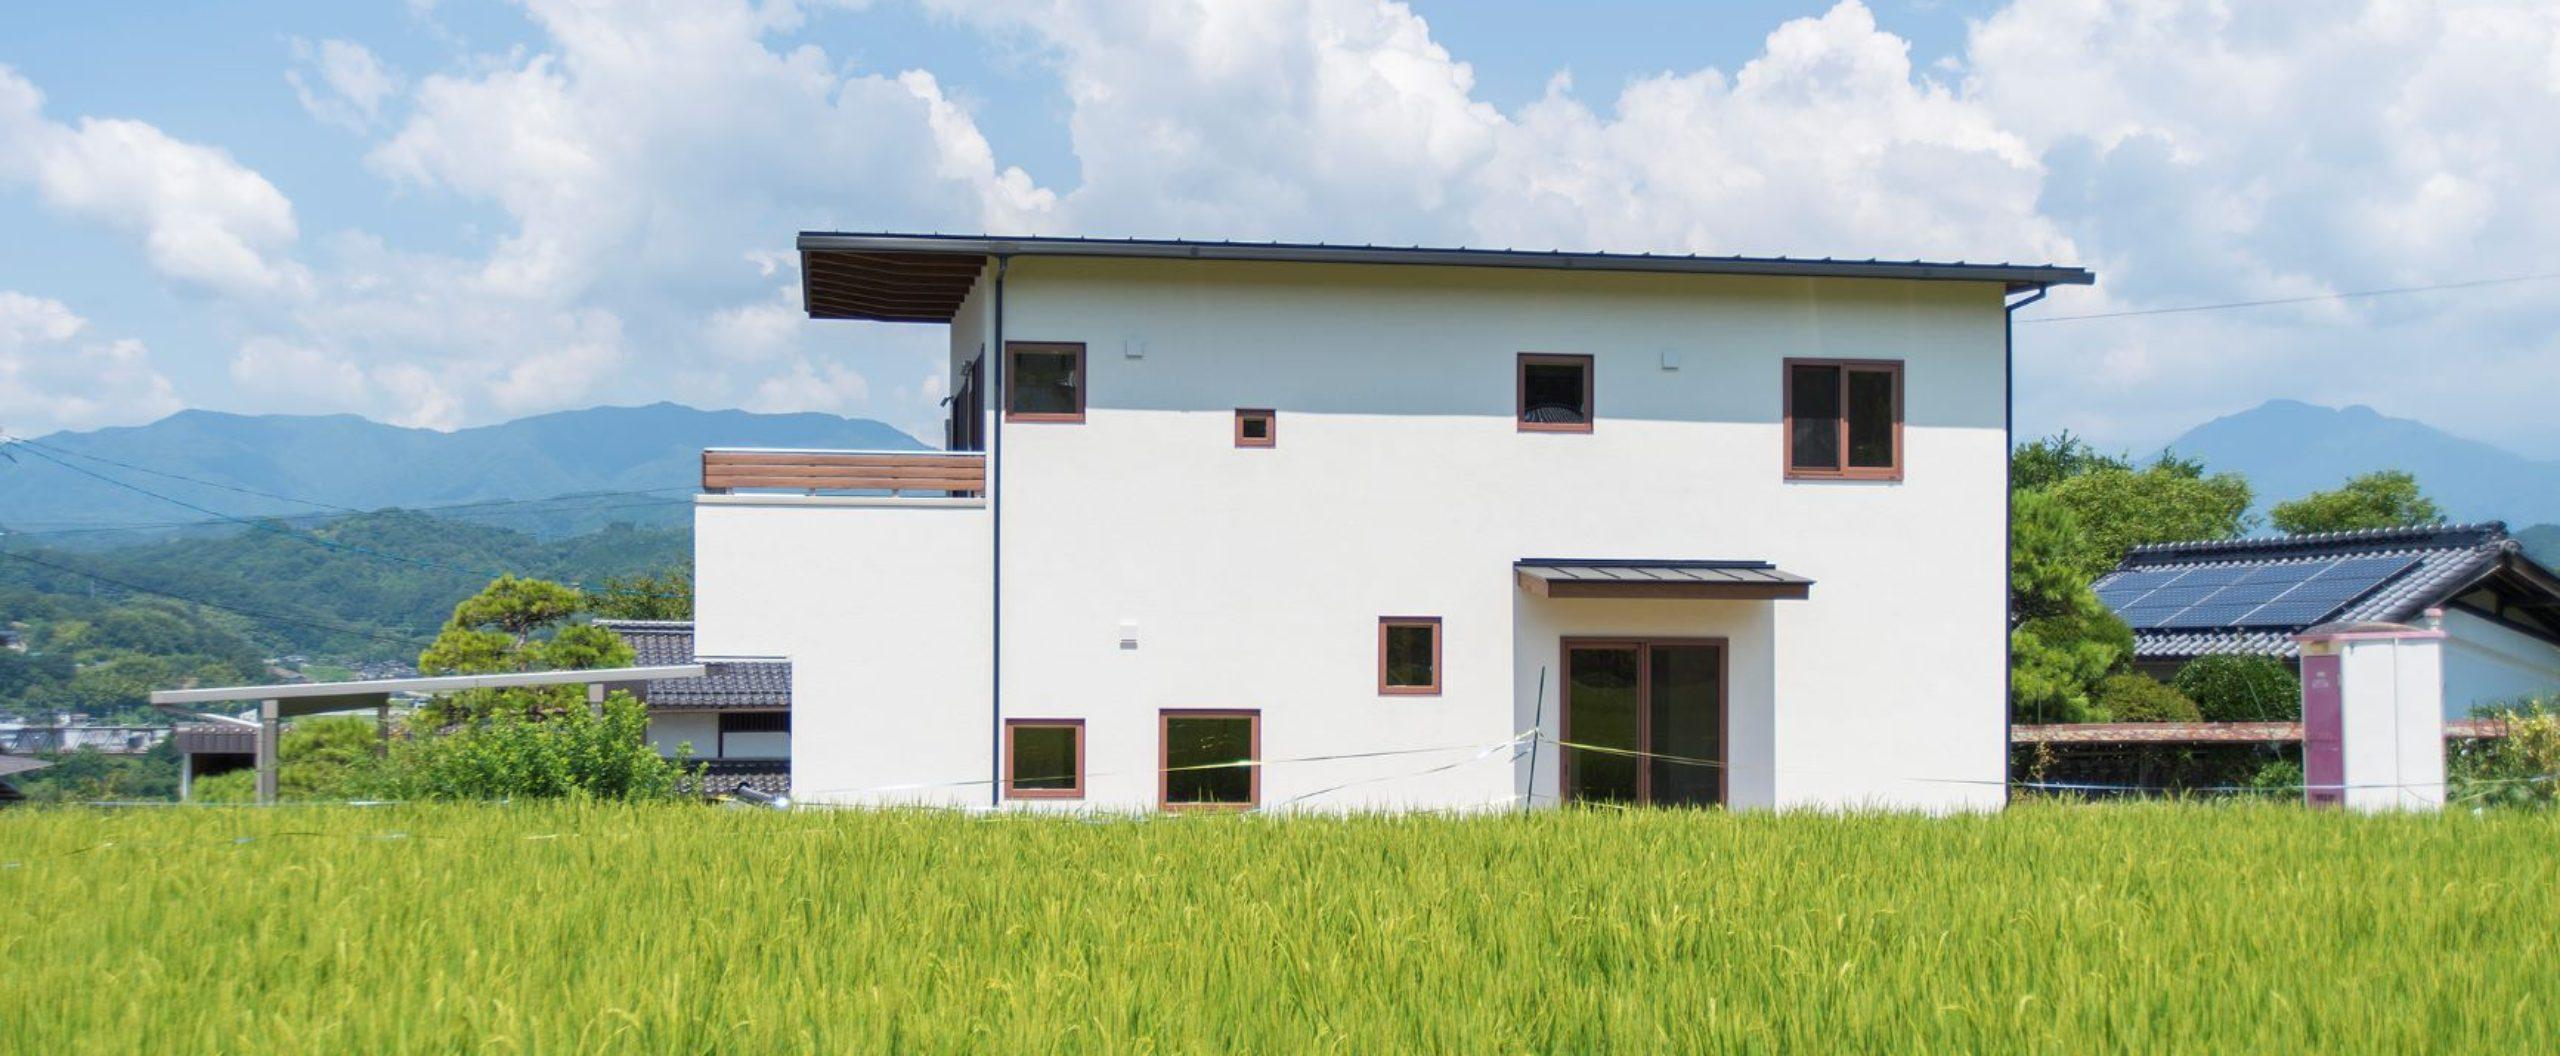 飯田下伊那で注文住宅を建ててます。